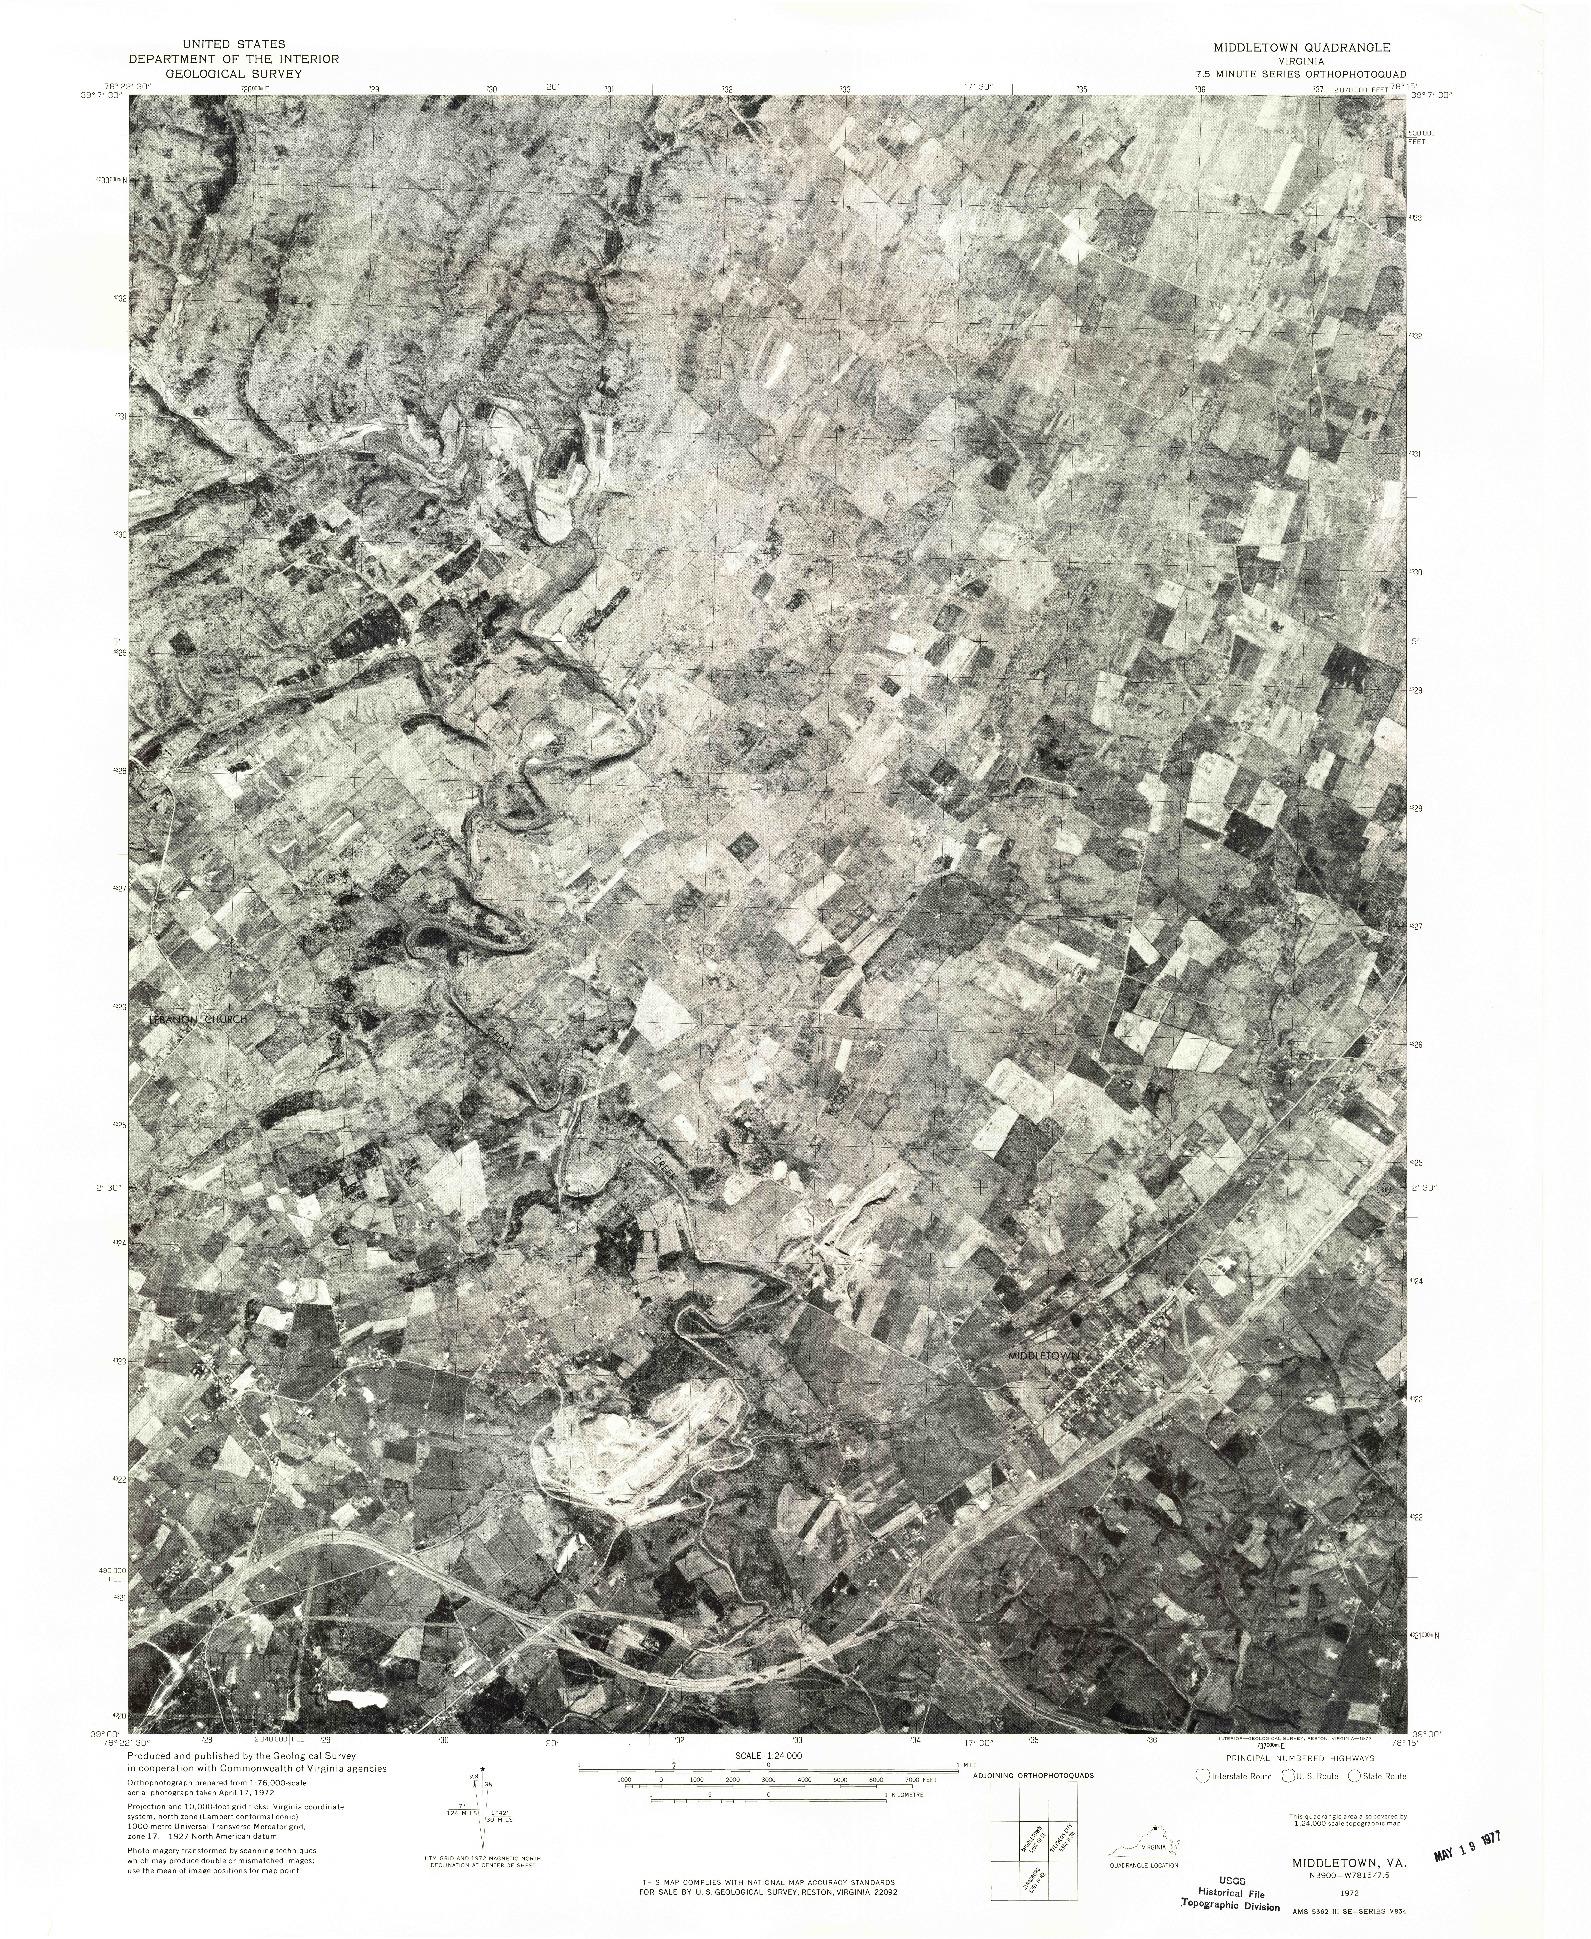 USGS 1:24000-SCALE QUADRANGLE FOR MIDDLETOWN, VA 1972